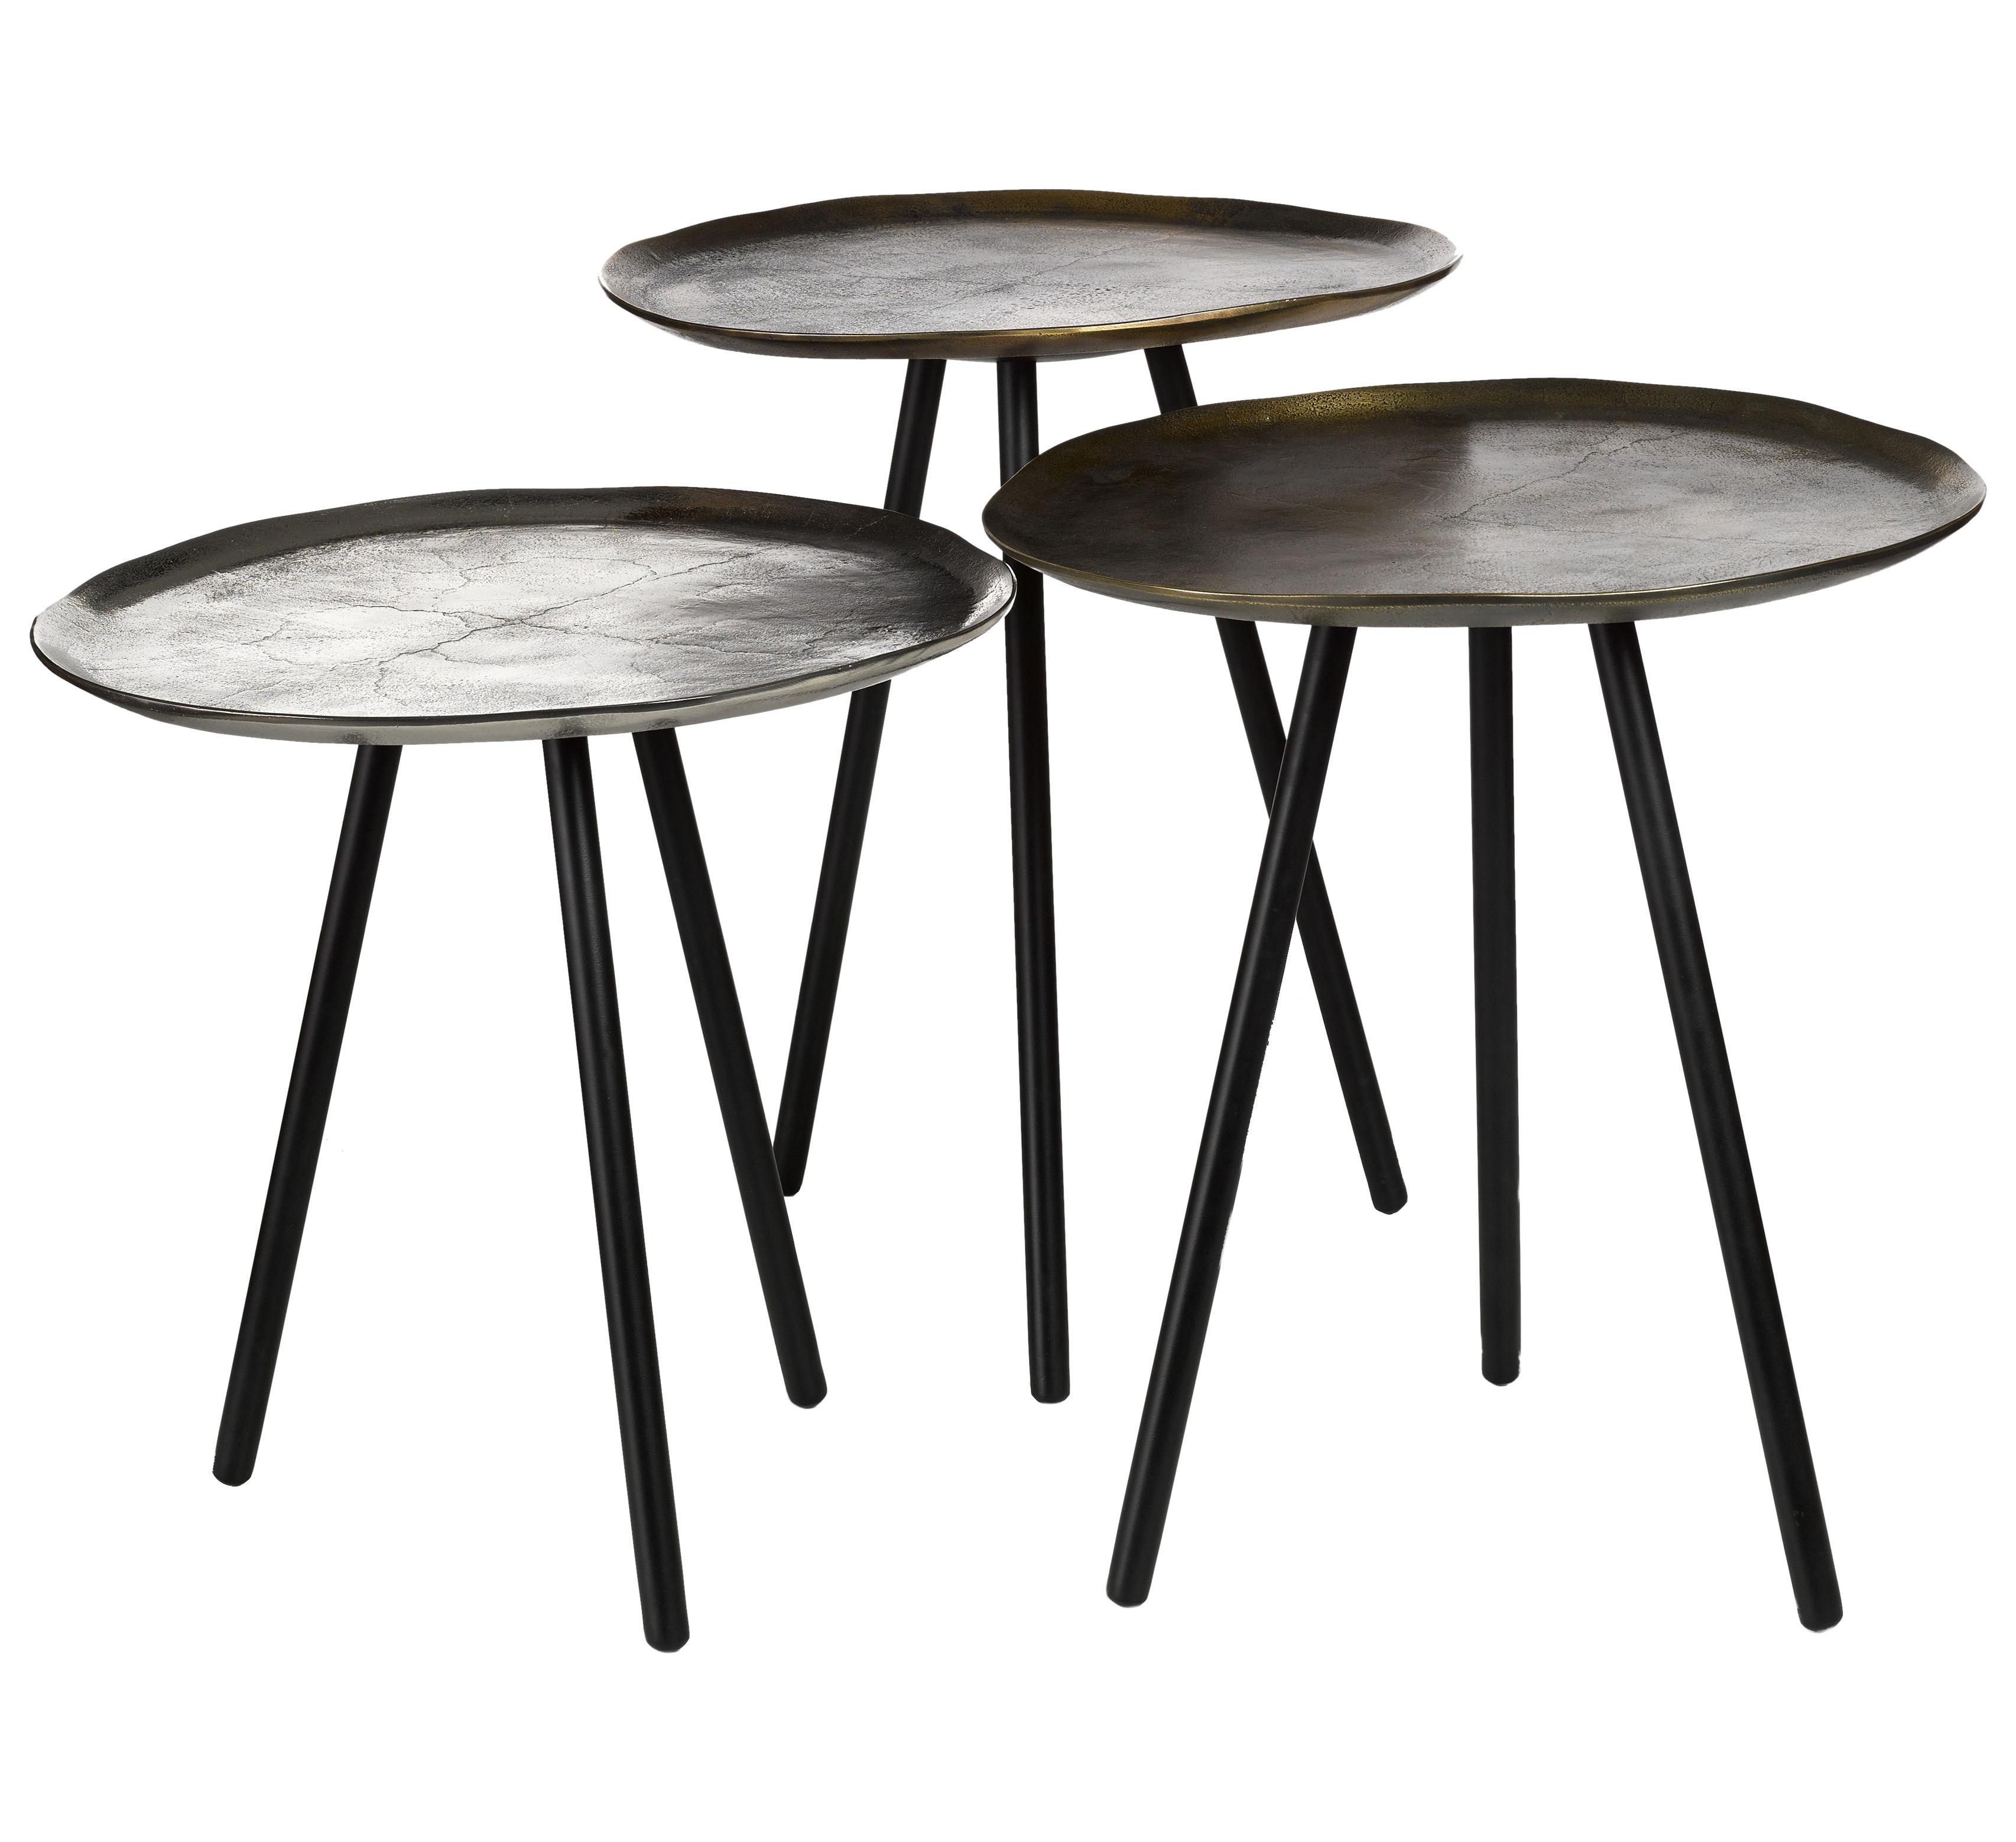 Mobilier - Tables basses - Tables gigognes Skippy / Set de 3 - Nickel & laiton - Pols Potten - Nickel, Laiton vieilli, Laiton patiné - Aluminium plaqué, Fer laqué